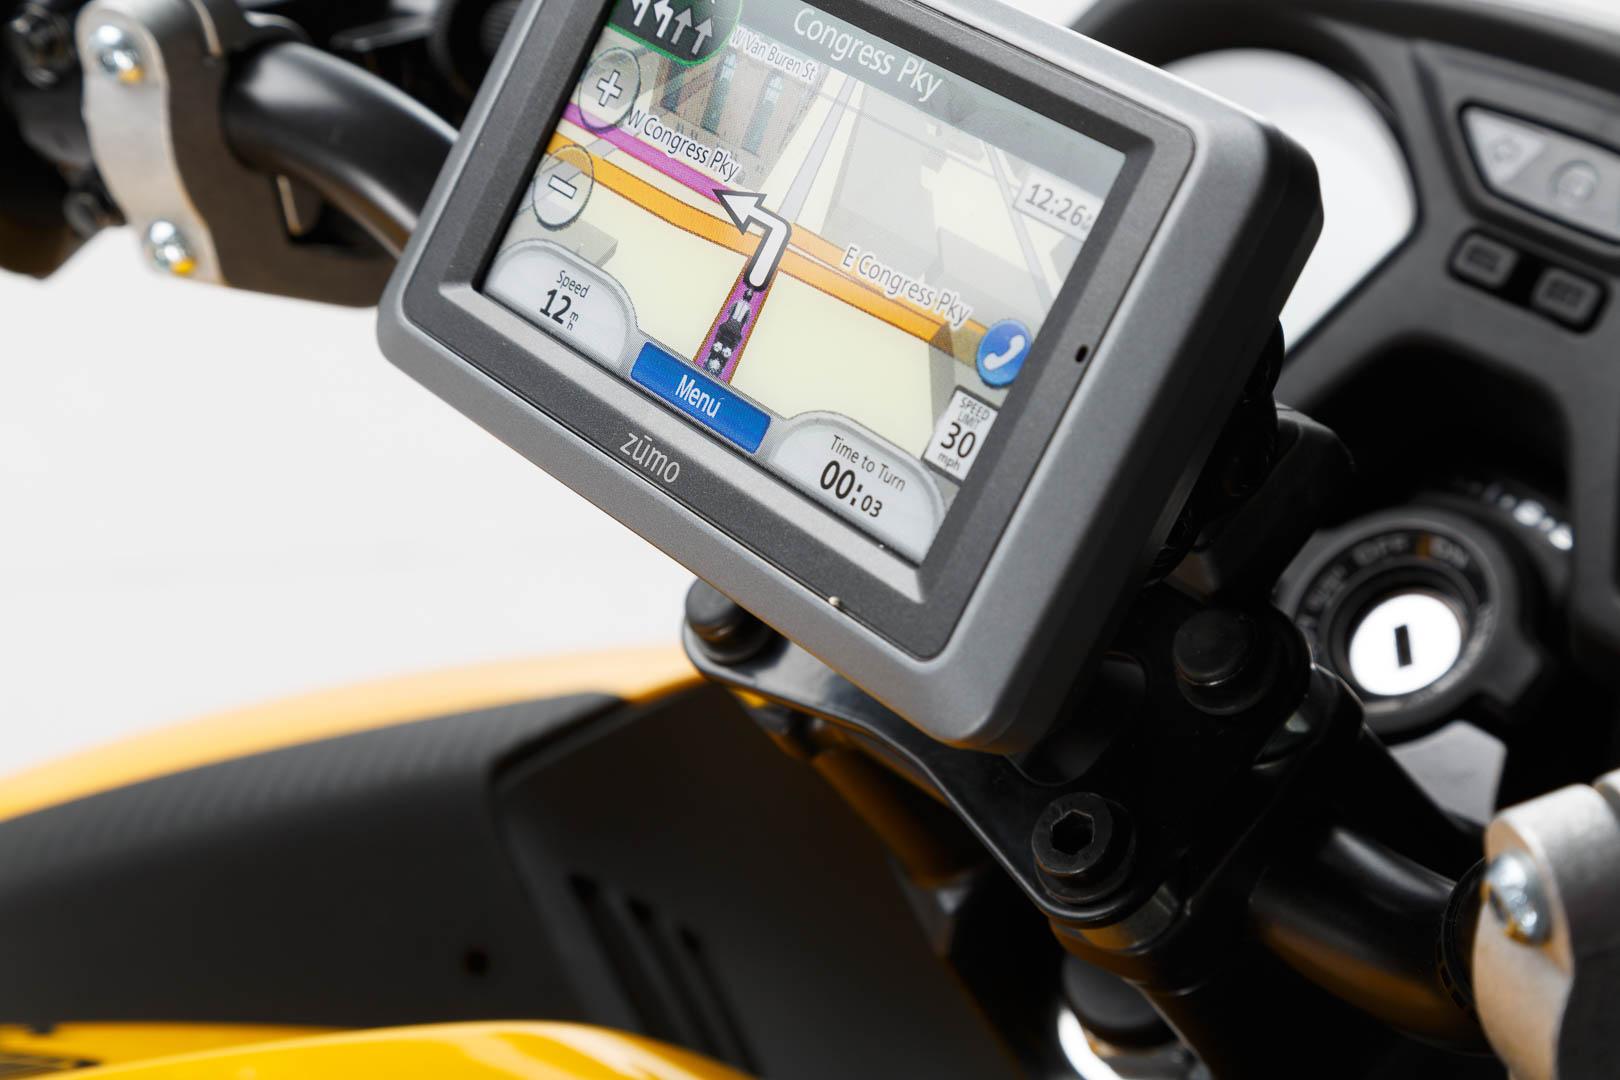 SW-Motech Quick-Lock GPS-pidike BMW R1200R 07-10 / CB650F 14-, NT700V 05-09, NC700/750S/D 11-, NC700/750X/D 11- / Suzuki  GSR600 05-10, GSF650 Bandit/S 05-, GSX650 F 07-